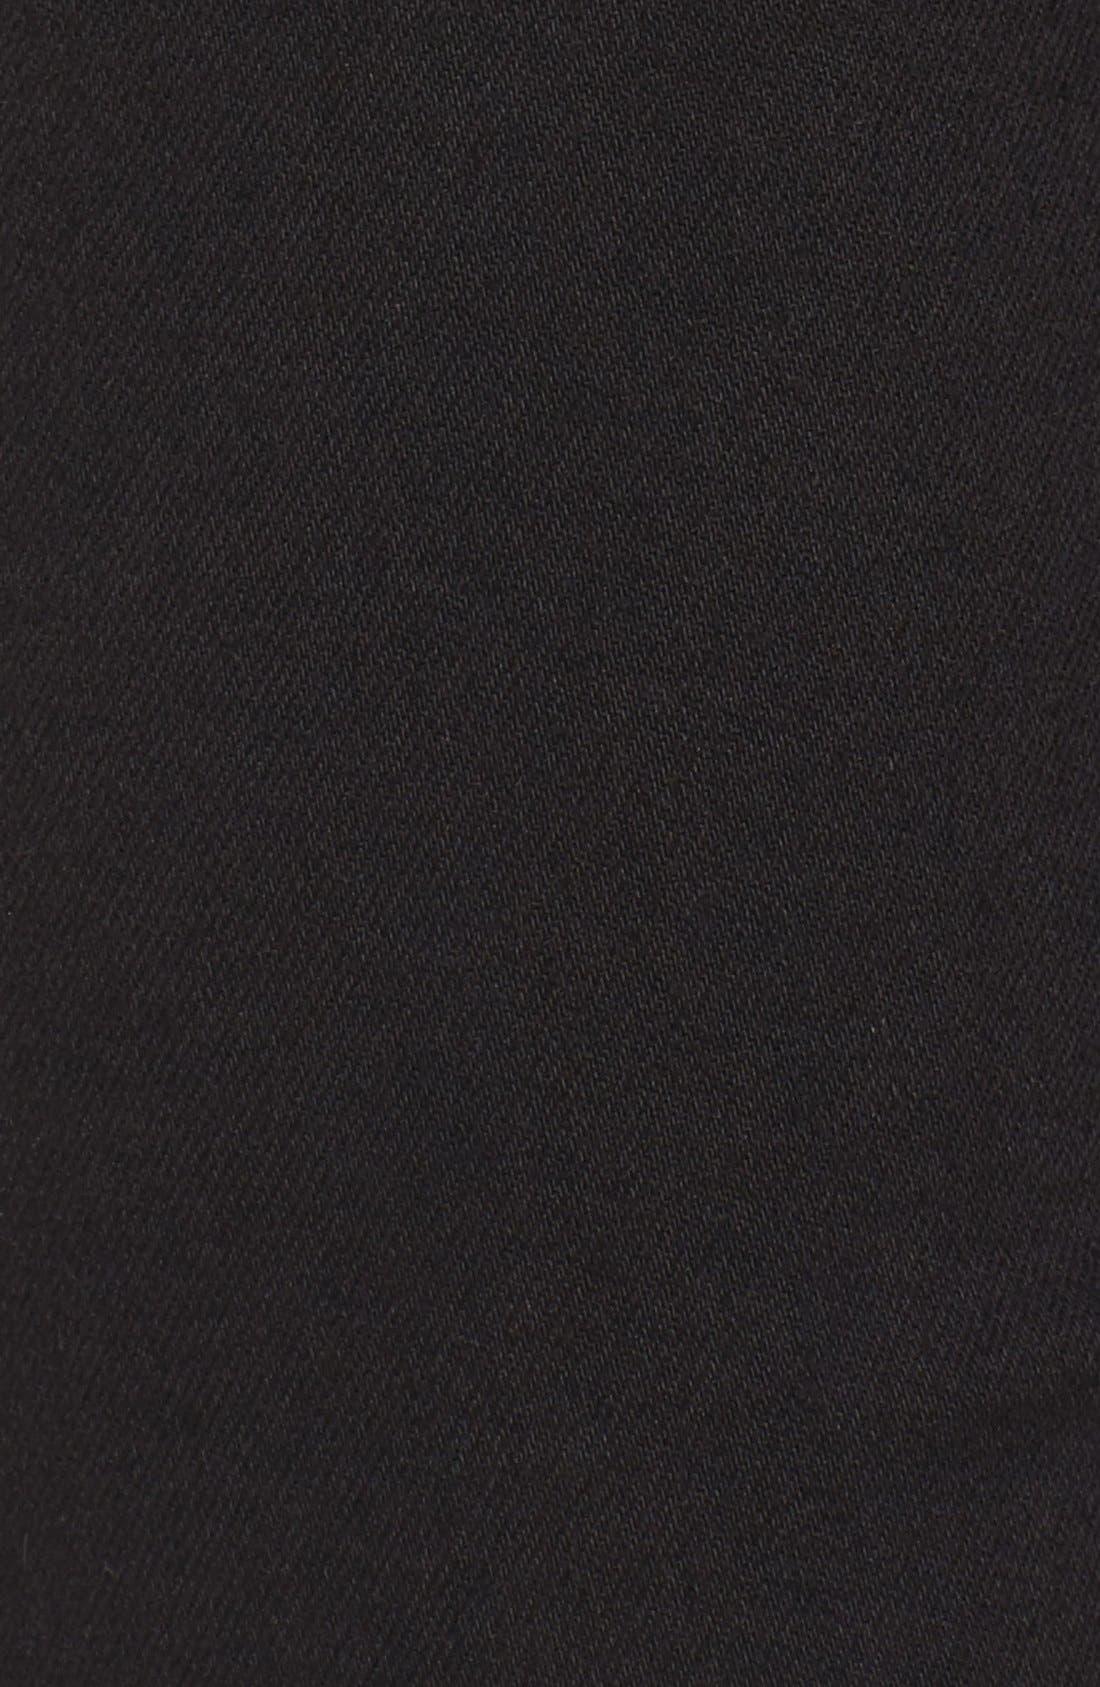 Stretch Slim Straight Leg Jeans,                             Alternate thumbnail 5, color,                             Riche Touch Black Noir